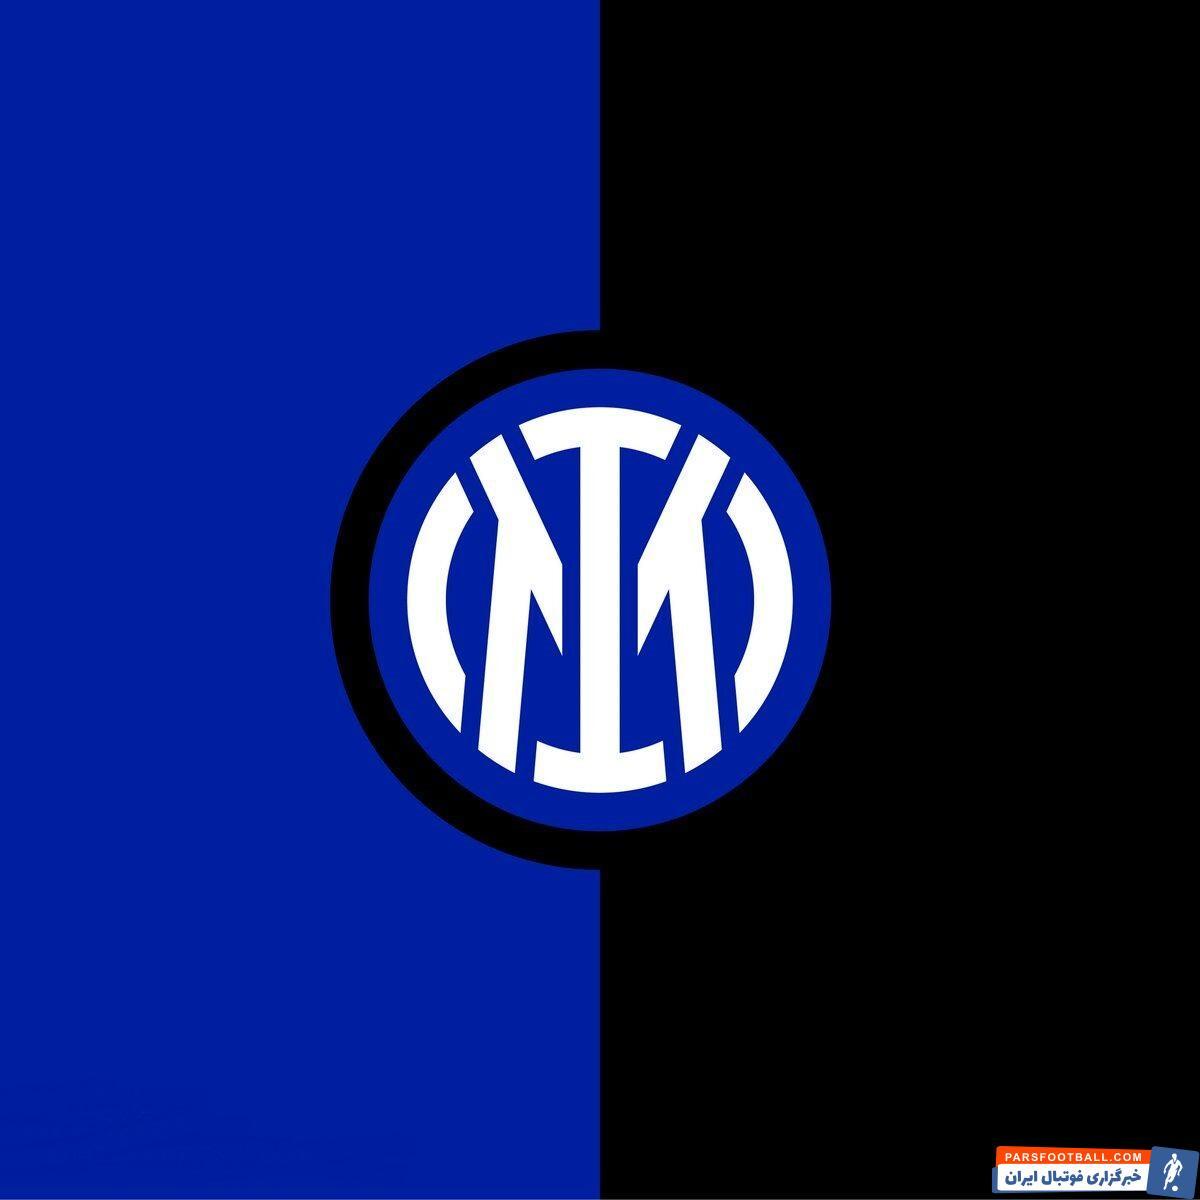 باشگاه اینتر که در حال حاضر با 65 امتیاز صدرنشین سری A ایتالیاست، در تاریخ 14 فروردین باید در خانه بولونیا به میدان برود.